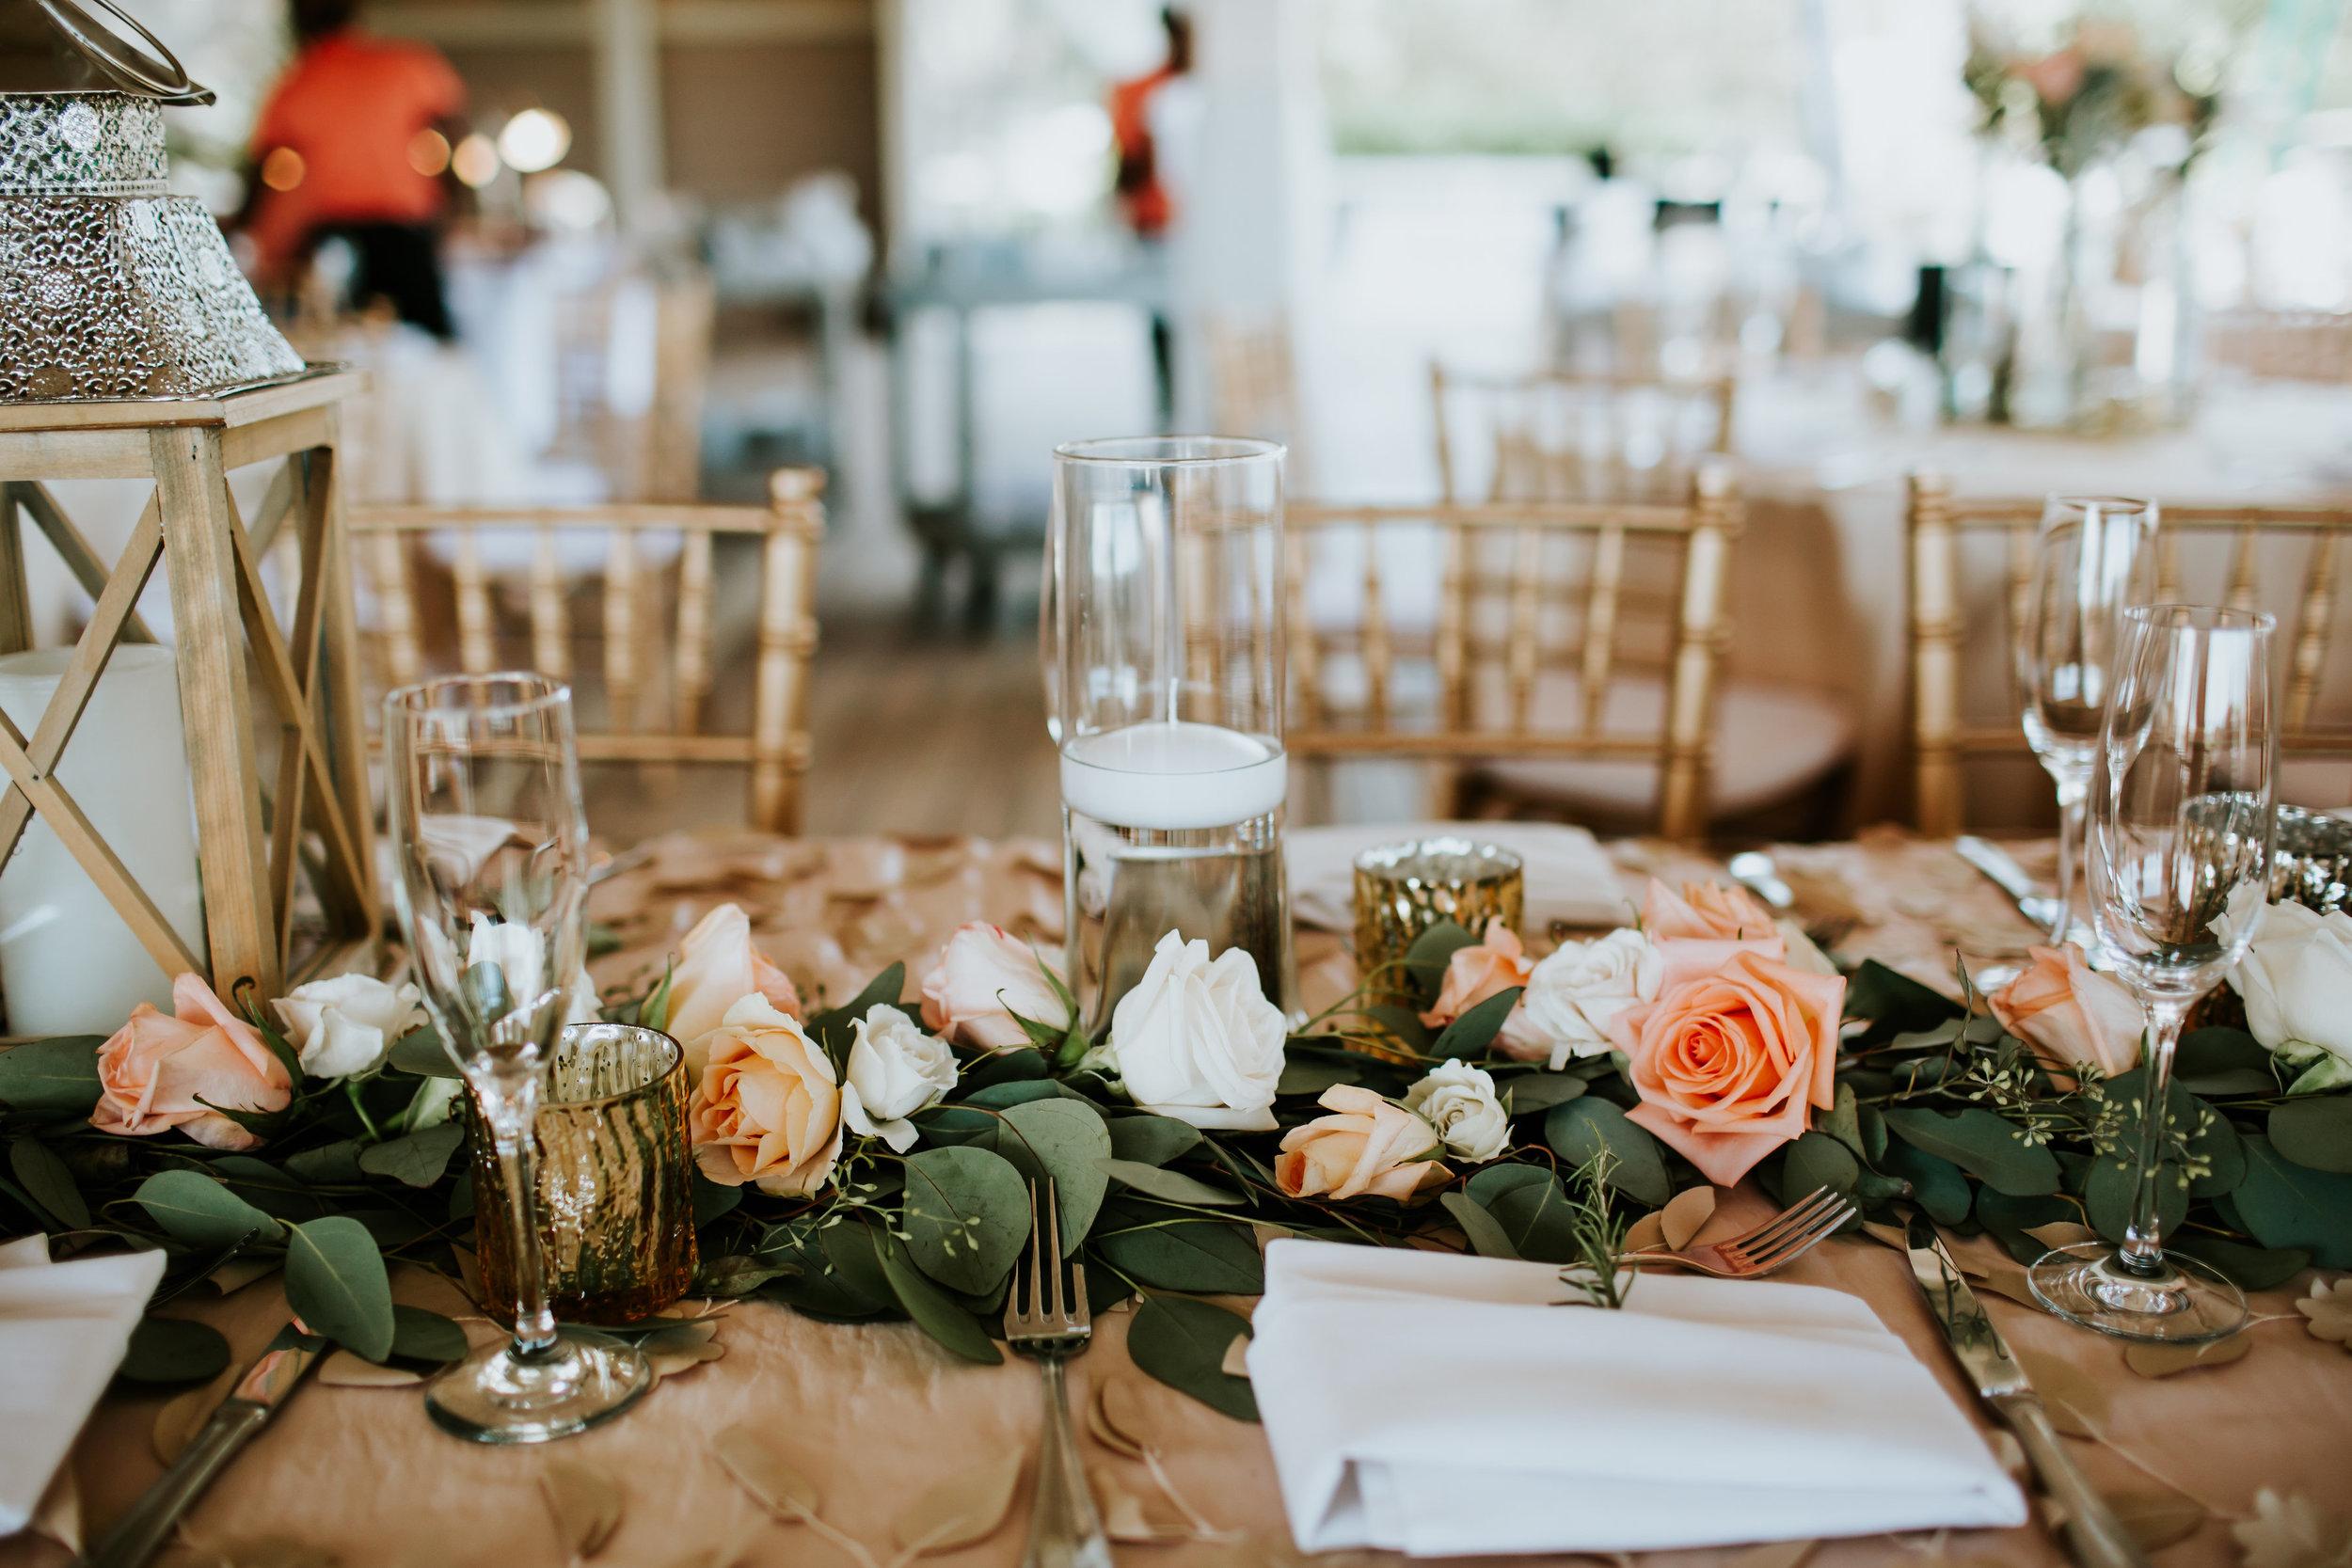 omni-hilton-head-wedding-32.jpg